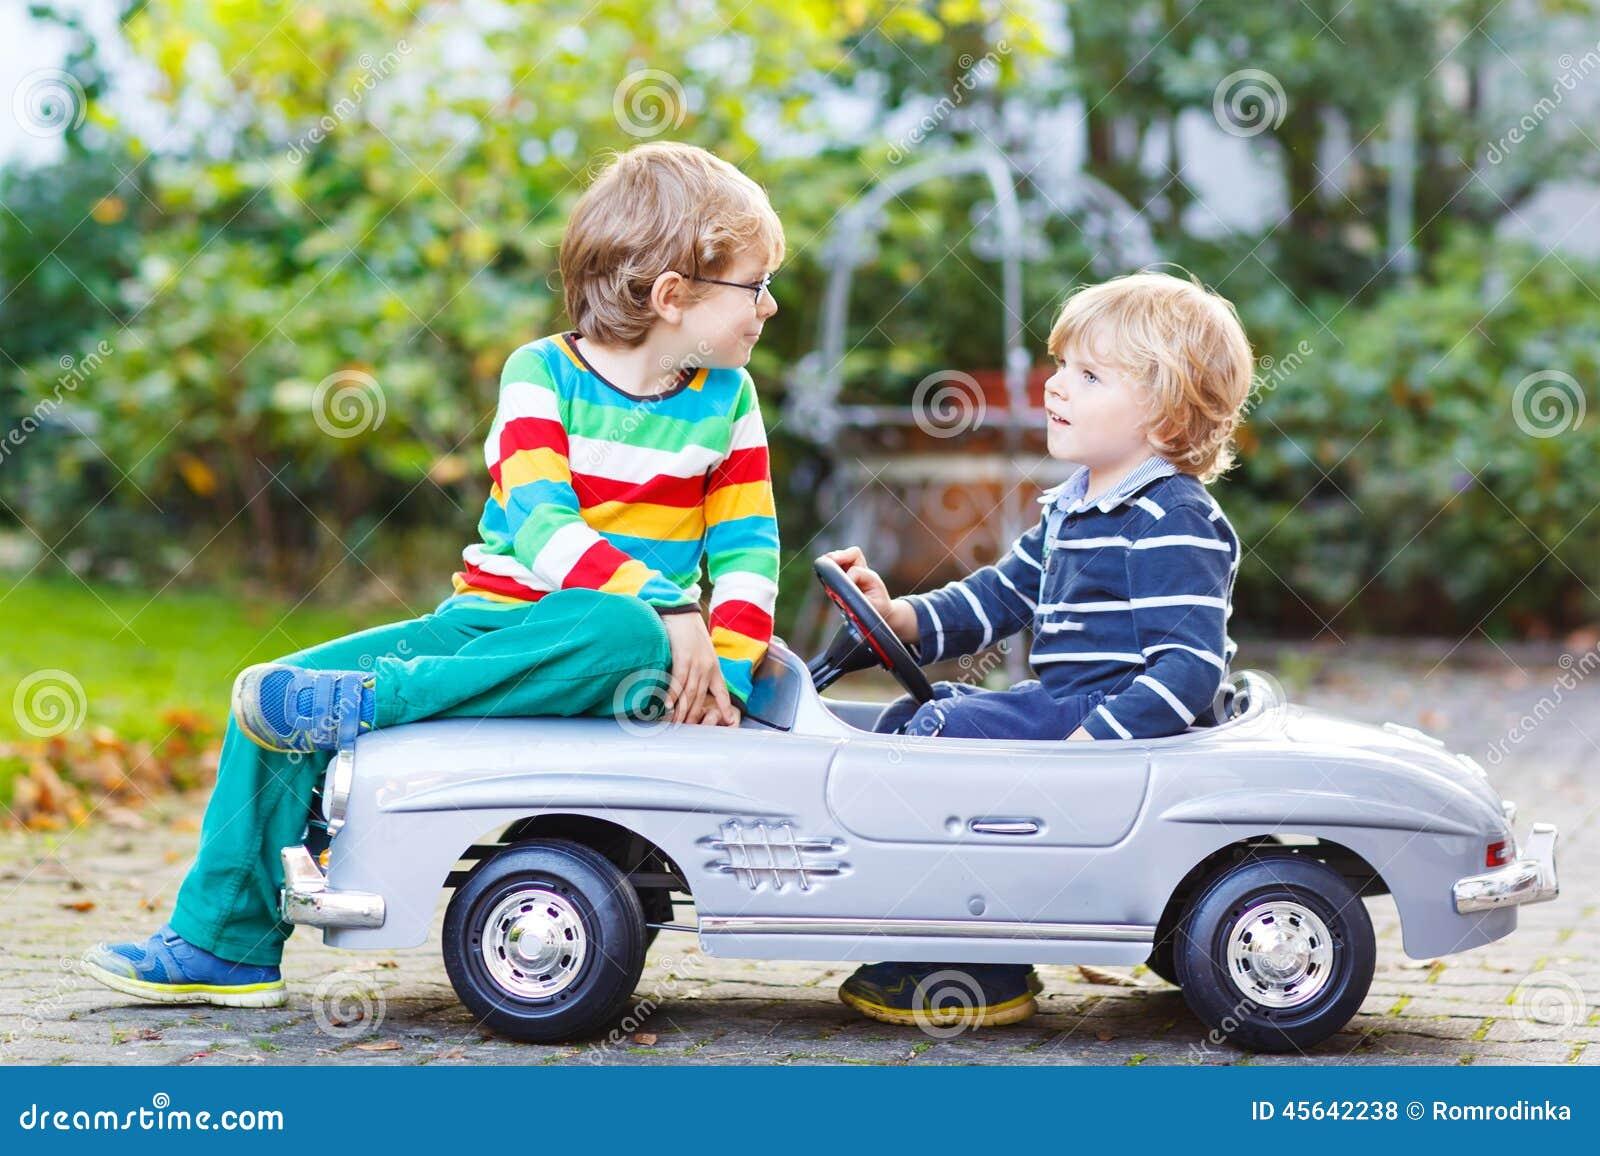 deux enfants heureux jouant avec la grande vieille voiture de jouet en t font du jardinage ou. Black Bedroom Furniture Sets. Home Design Ideas